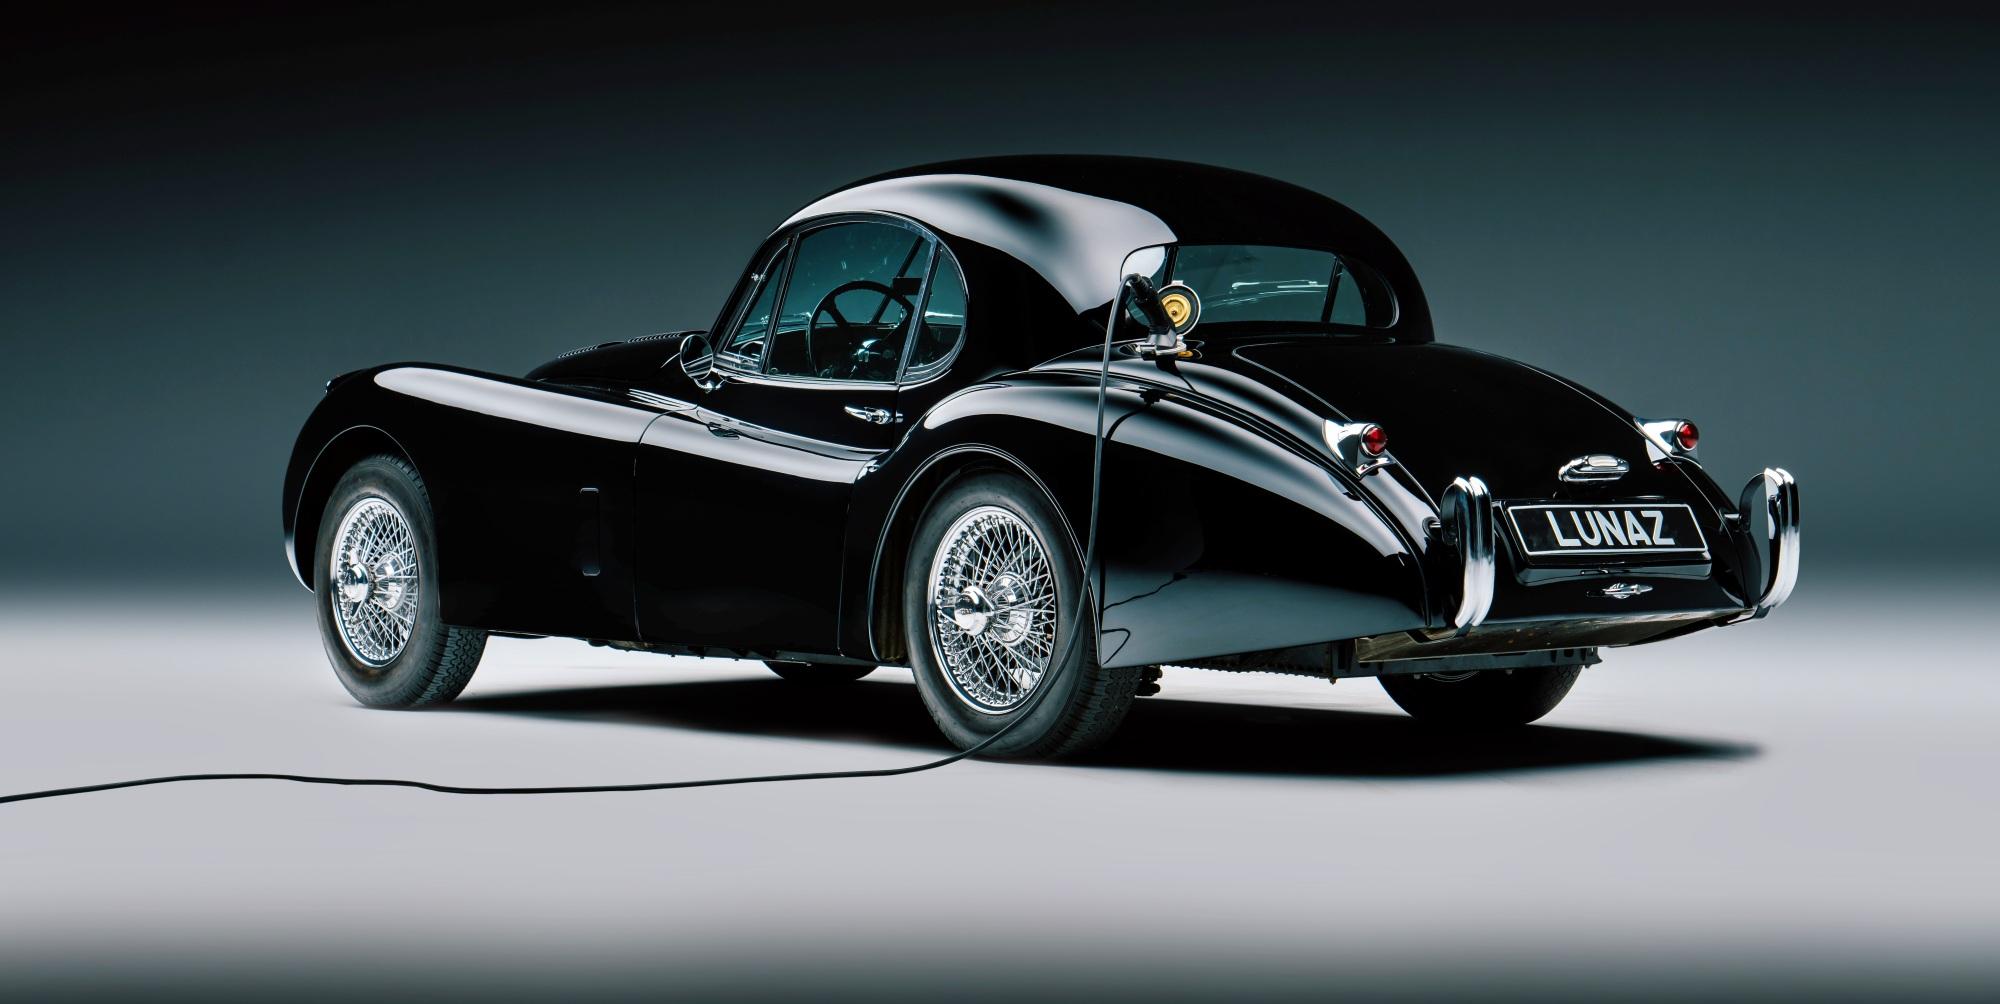 Jaguar Lunaz